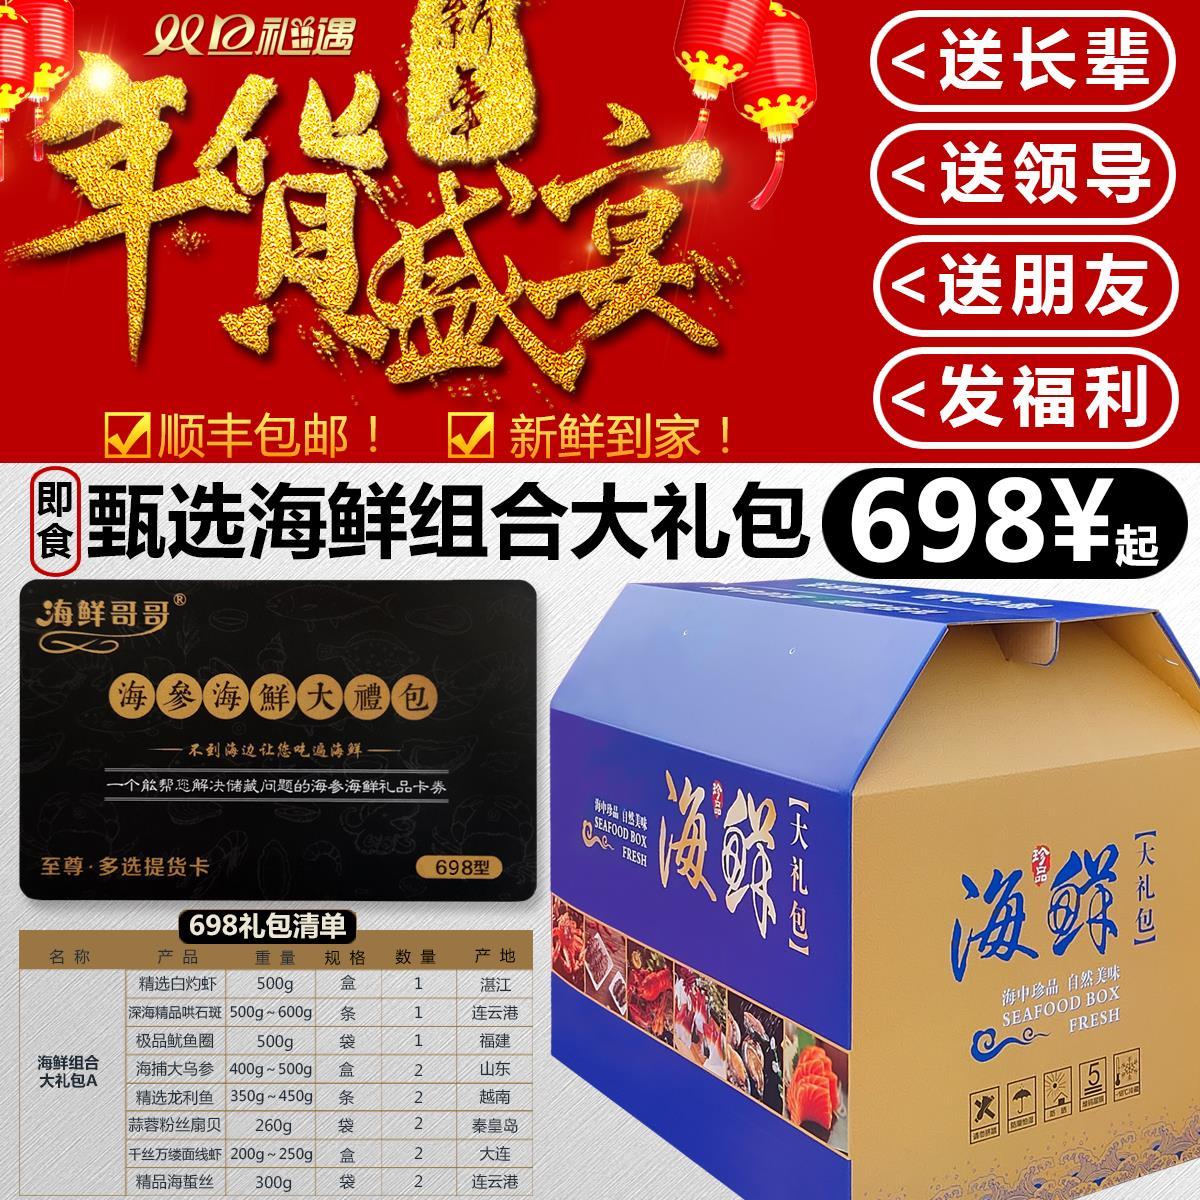 现货 海鲜大礼盒冷冻海鲜大礼包鲜活水产公司年夜饭食材大咖套餐